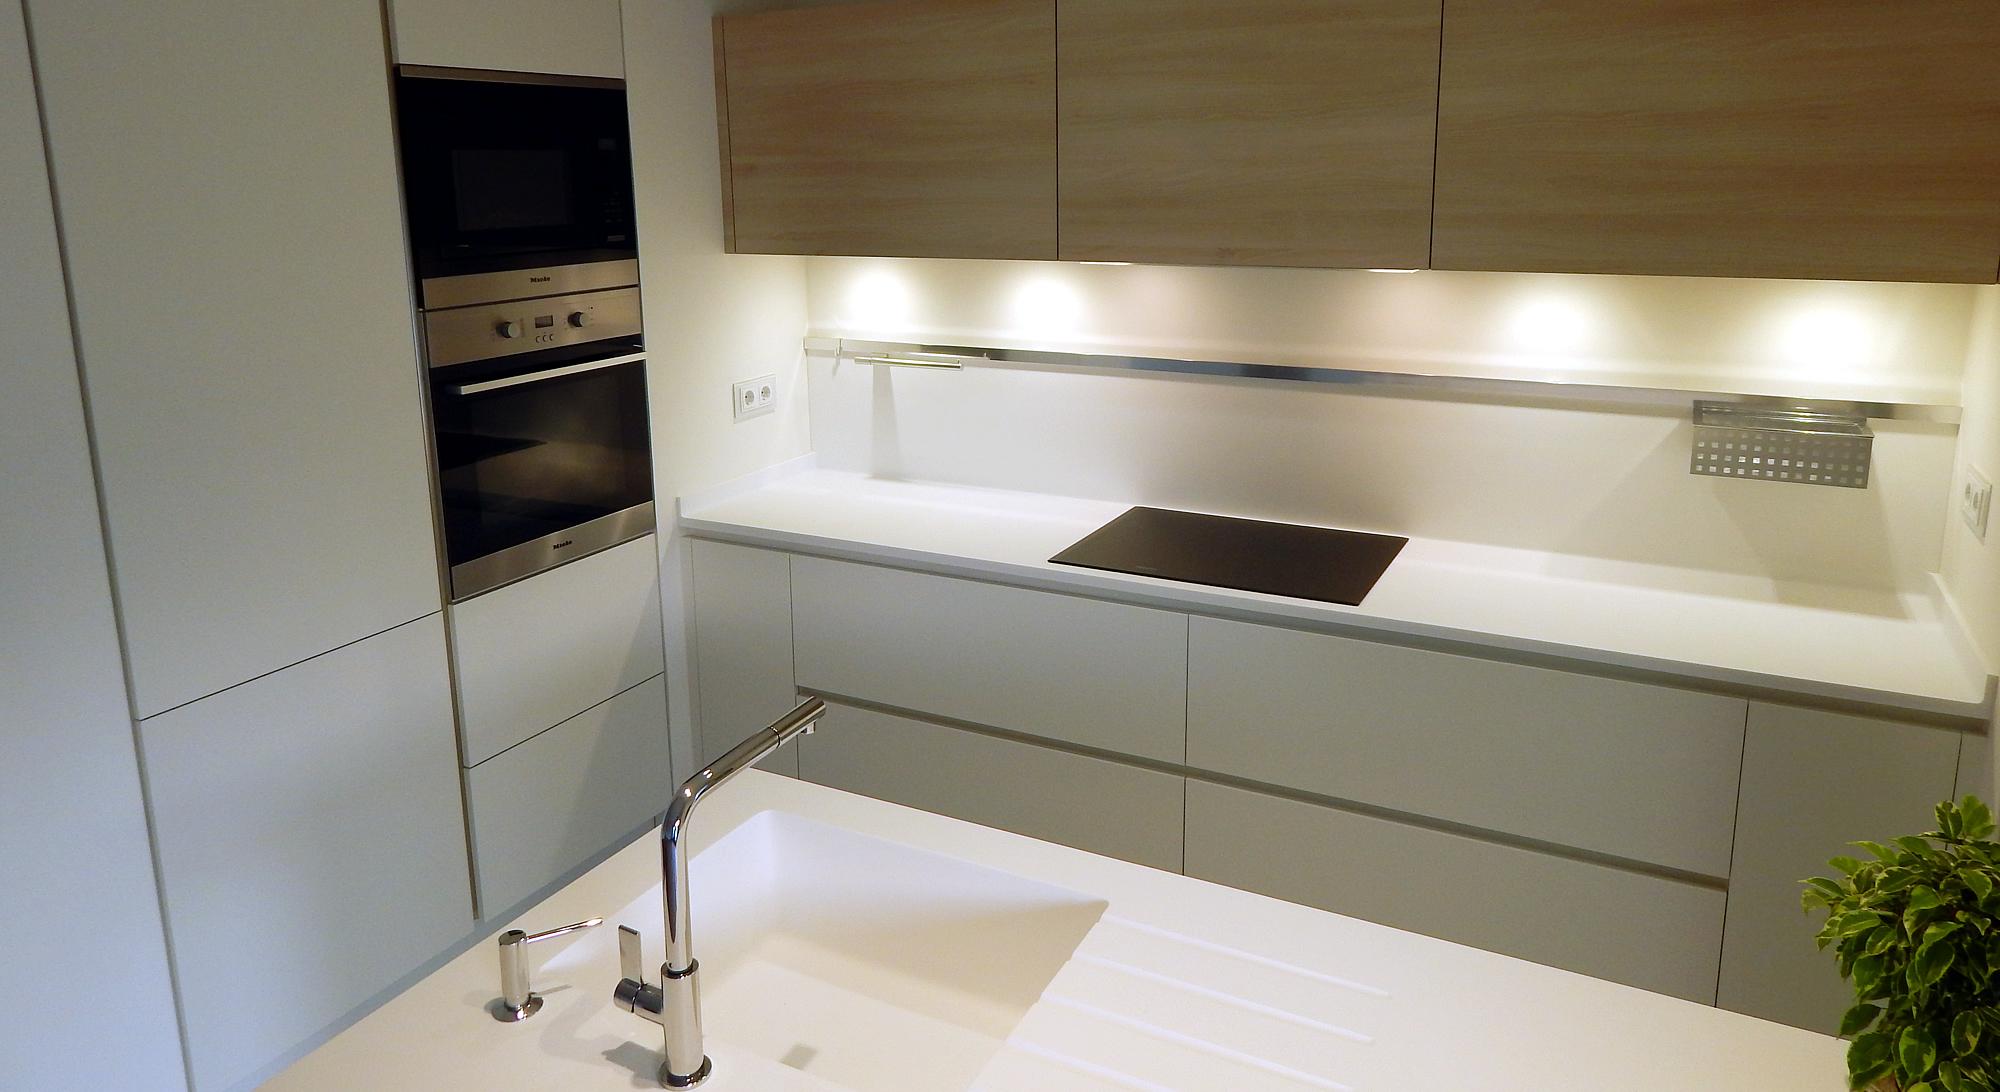 Muebles de cocina acabado soft for Modelos de muebles de cocina